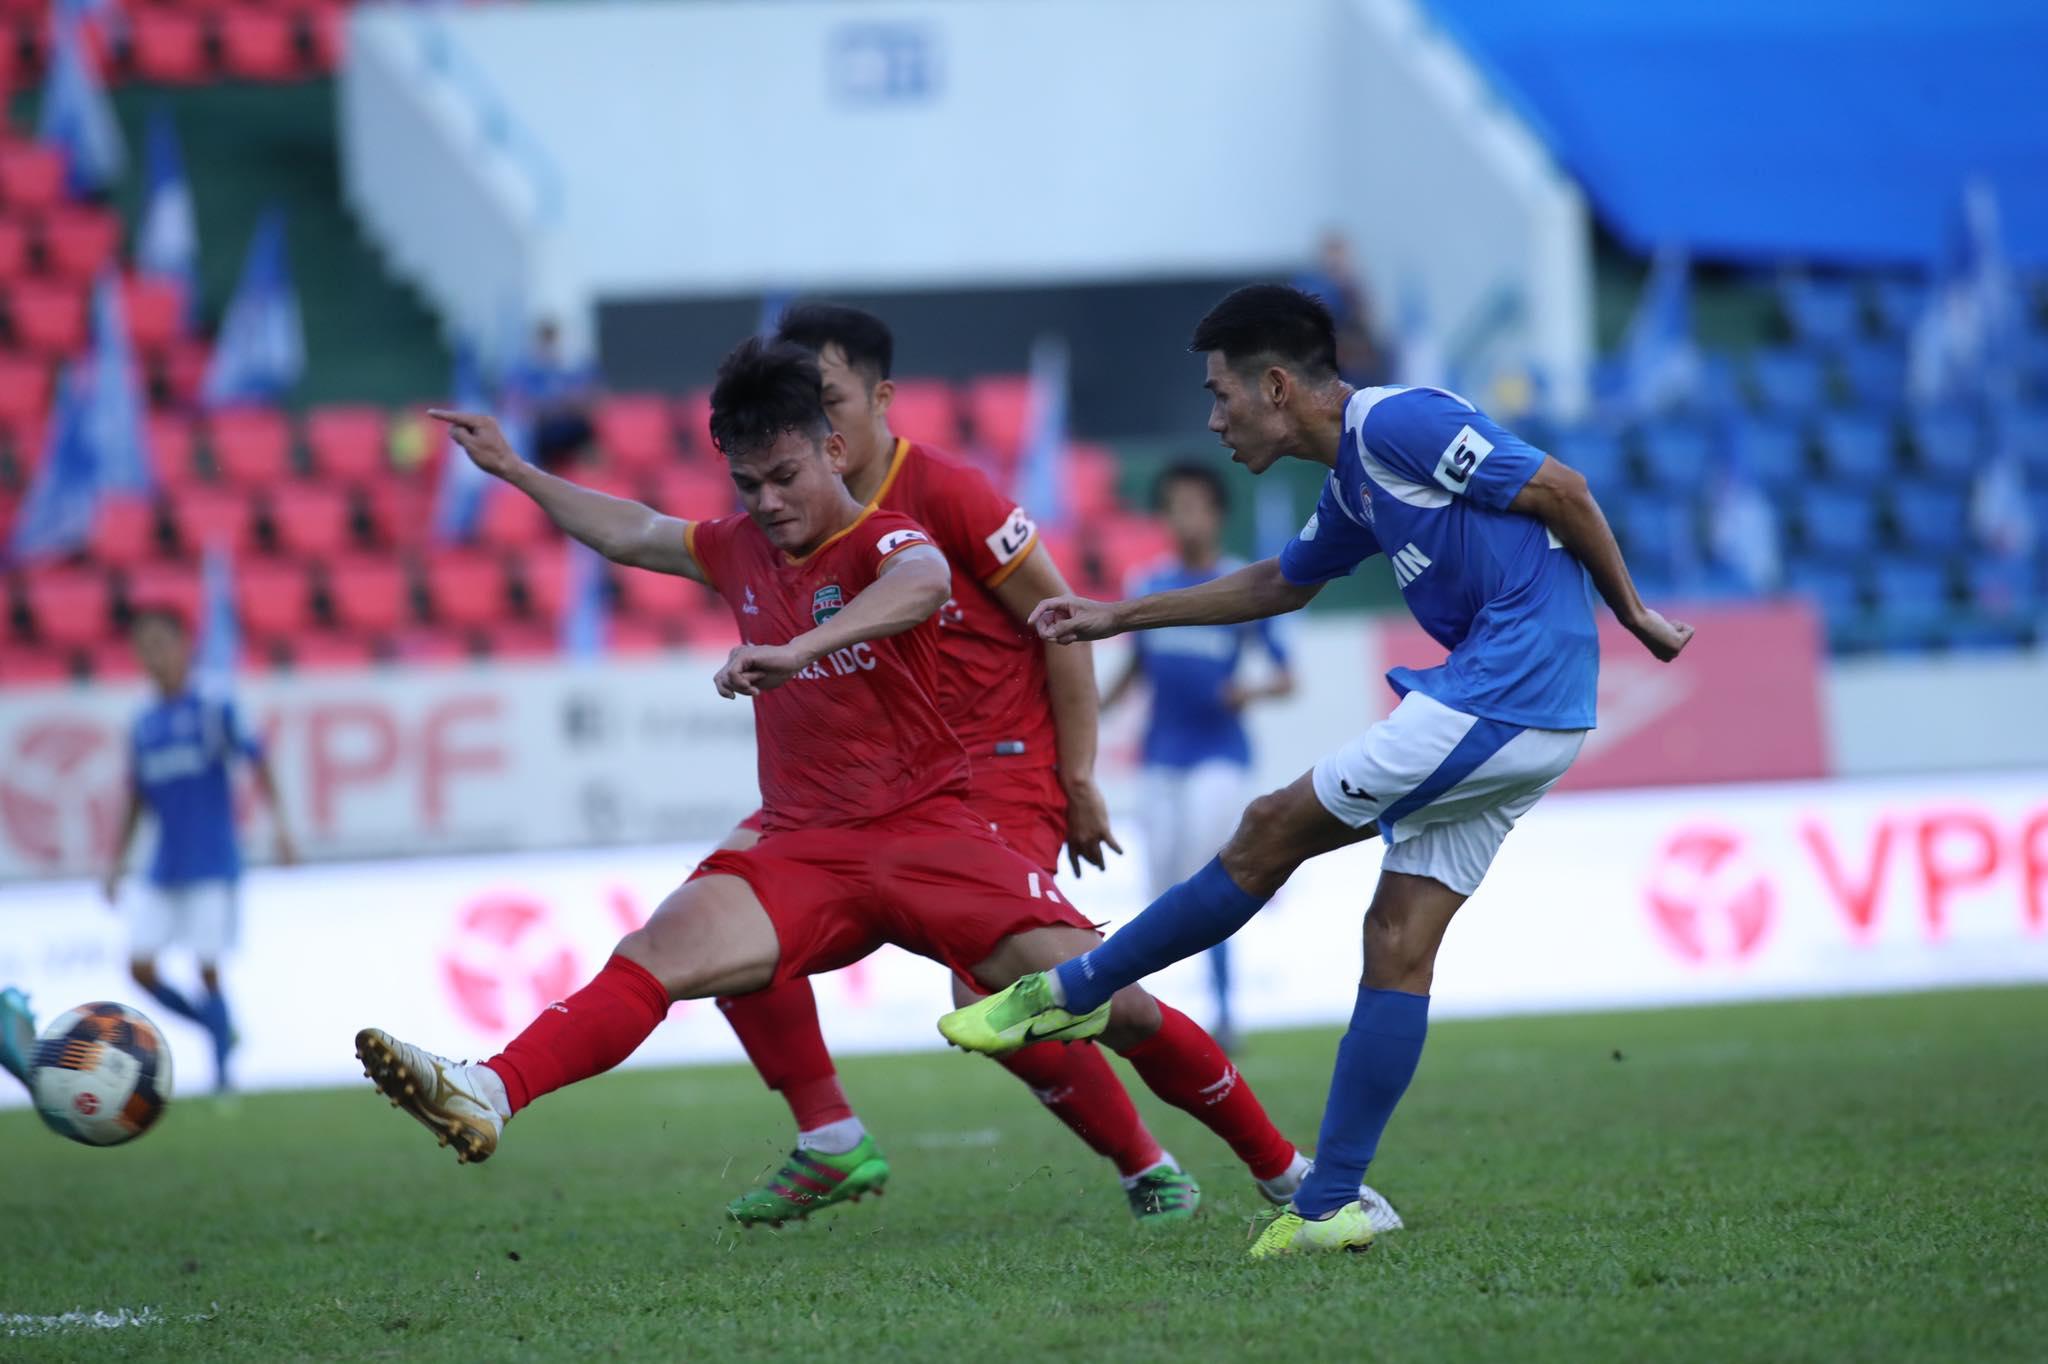 Than.QN sớm có 2 bàn thắng vượt lên dẫn trước B.BD - Ảnh: Phan Tùng